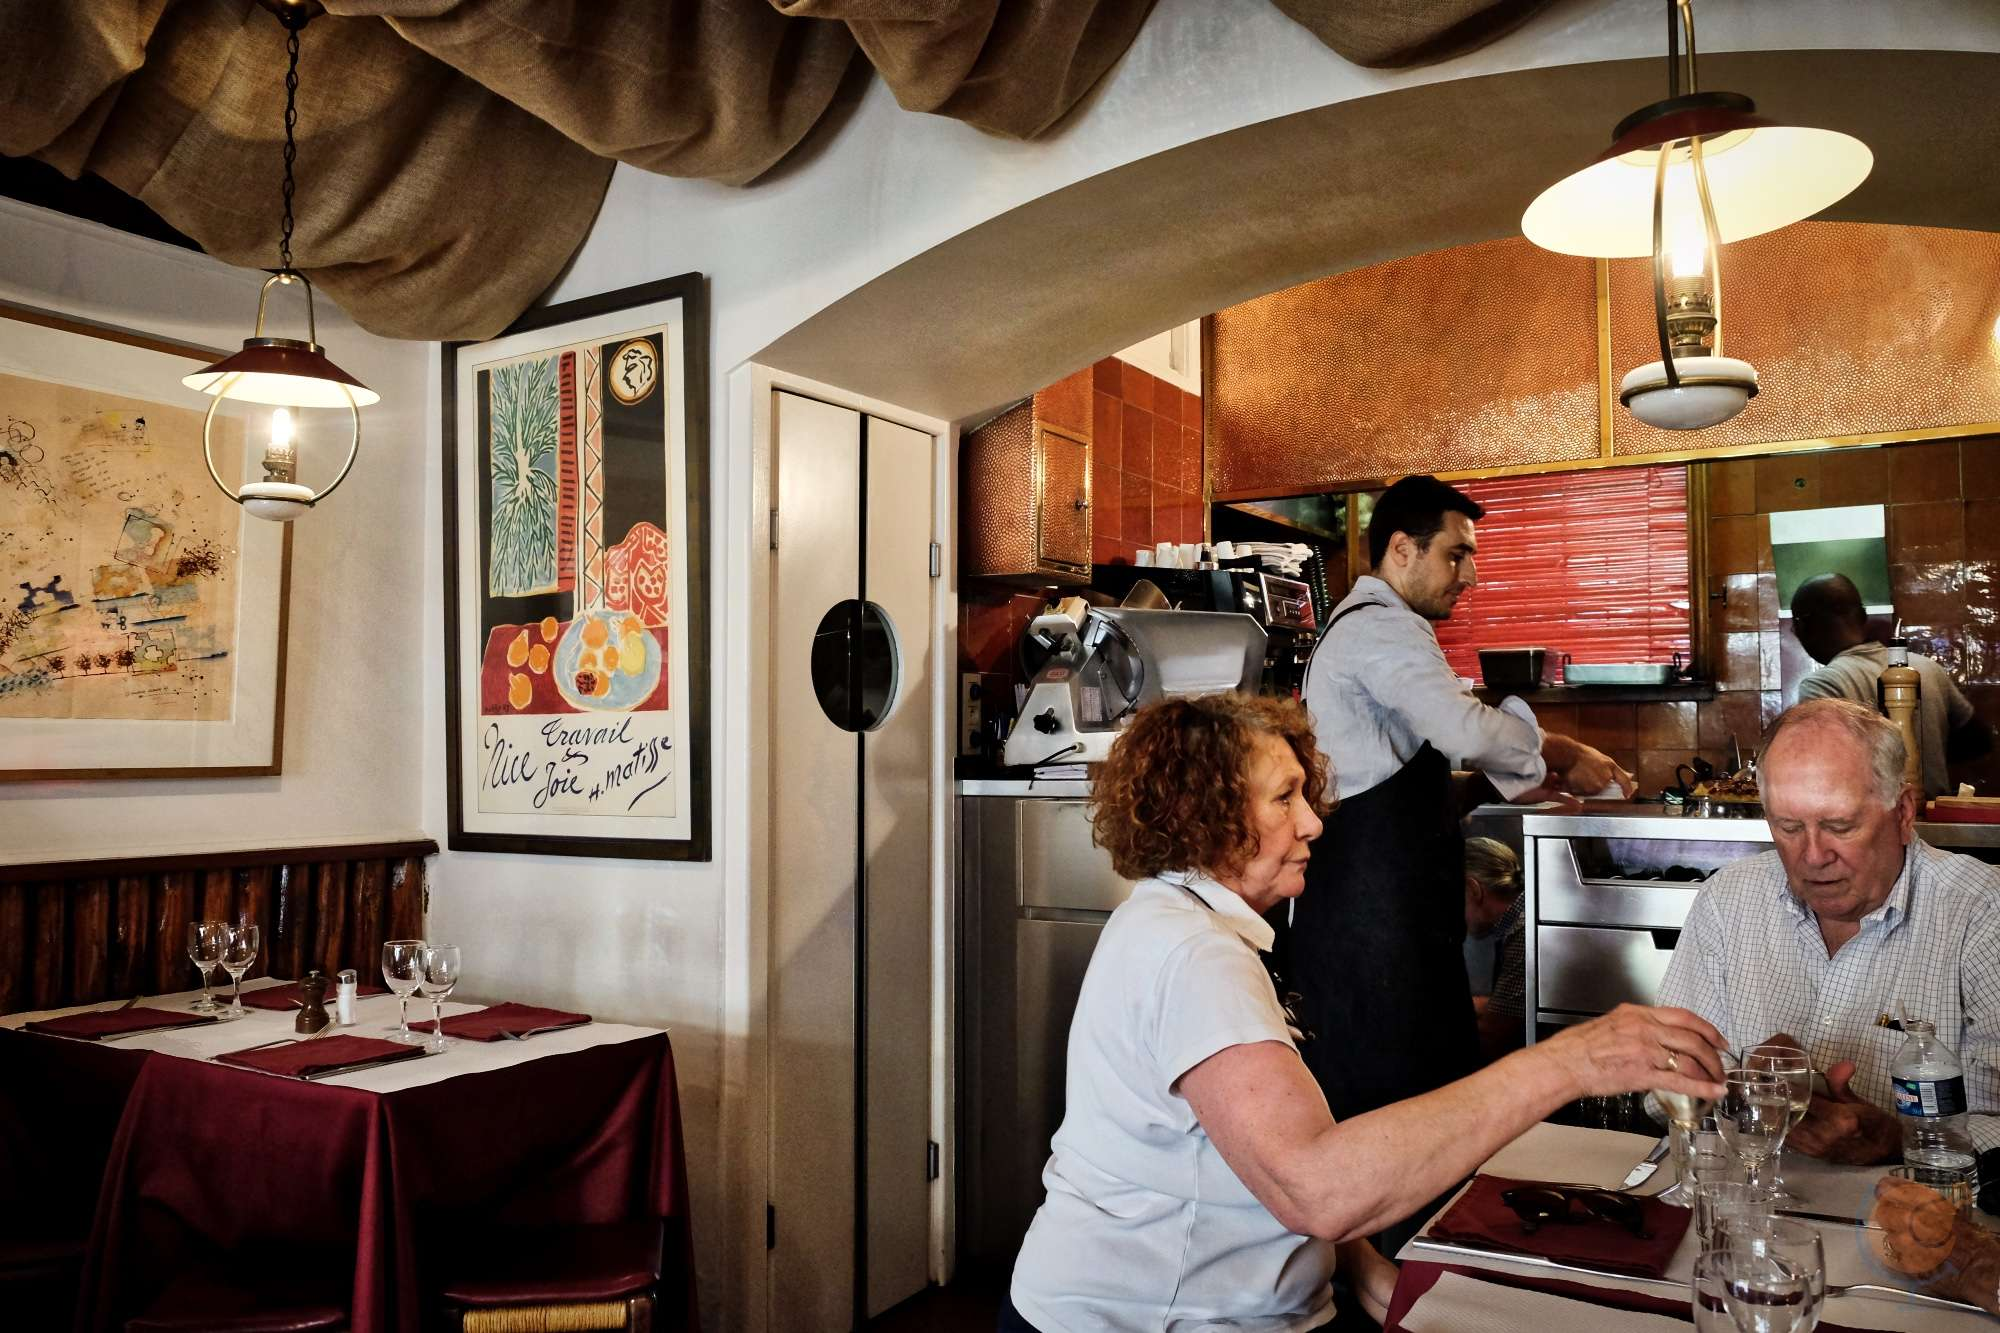 dscf1297_la_merenda_nice_nizza_restaurant_vilagevo_jokuti_andras_l_w.jpg